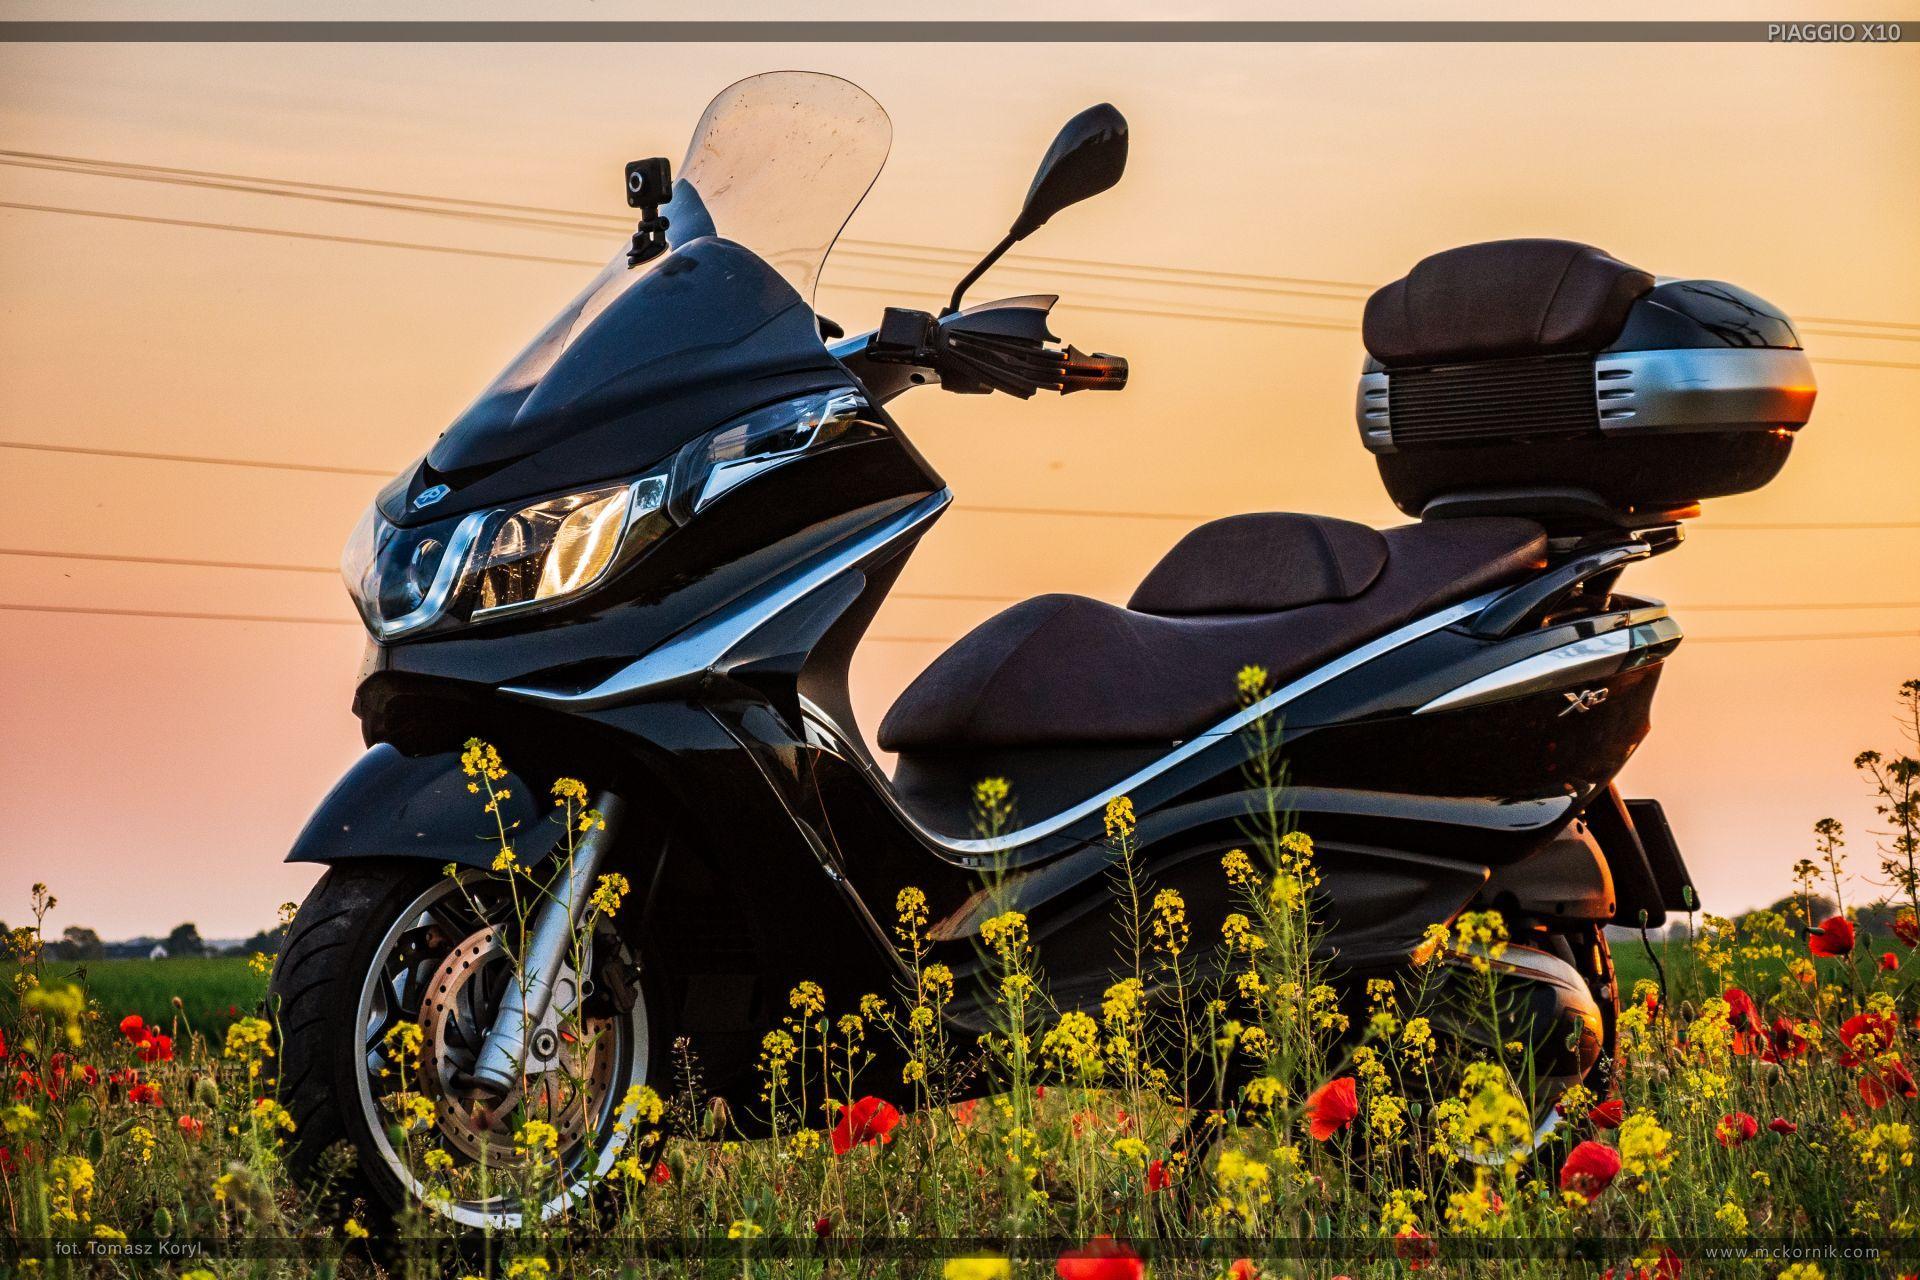 Piaggio X10 wallpapers - maxi scooter 350 - #scootertouring, #scooter, #scootertravel, #maxiscooter, #piaggio, #piaggioX10, #piaggio350